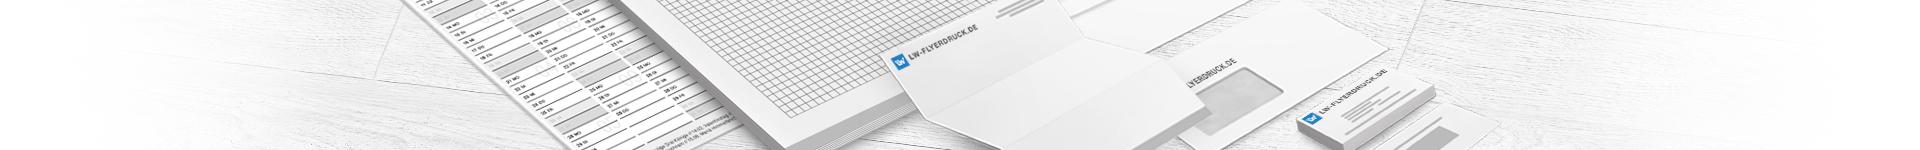 Visitenkarten Günstig Online Drucken Mit Lw Flyerdruck